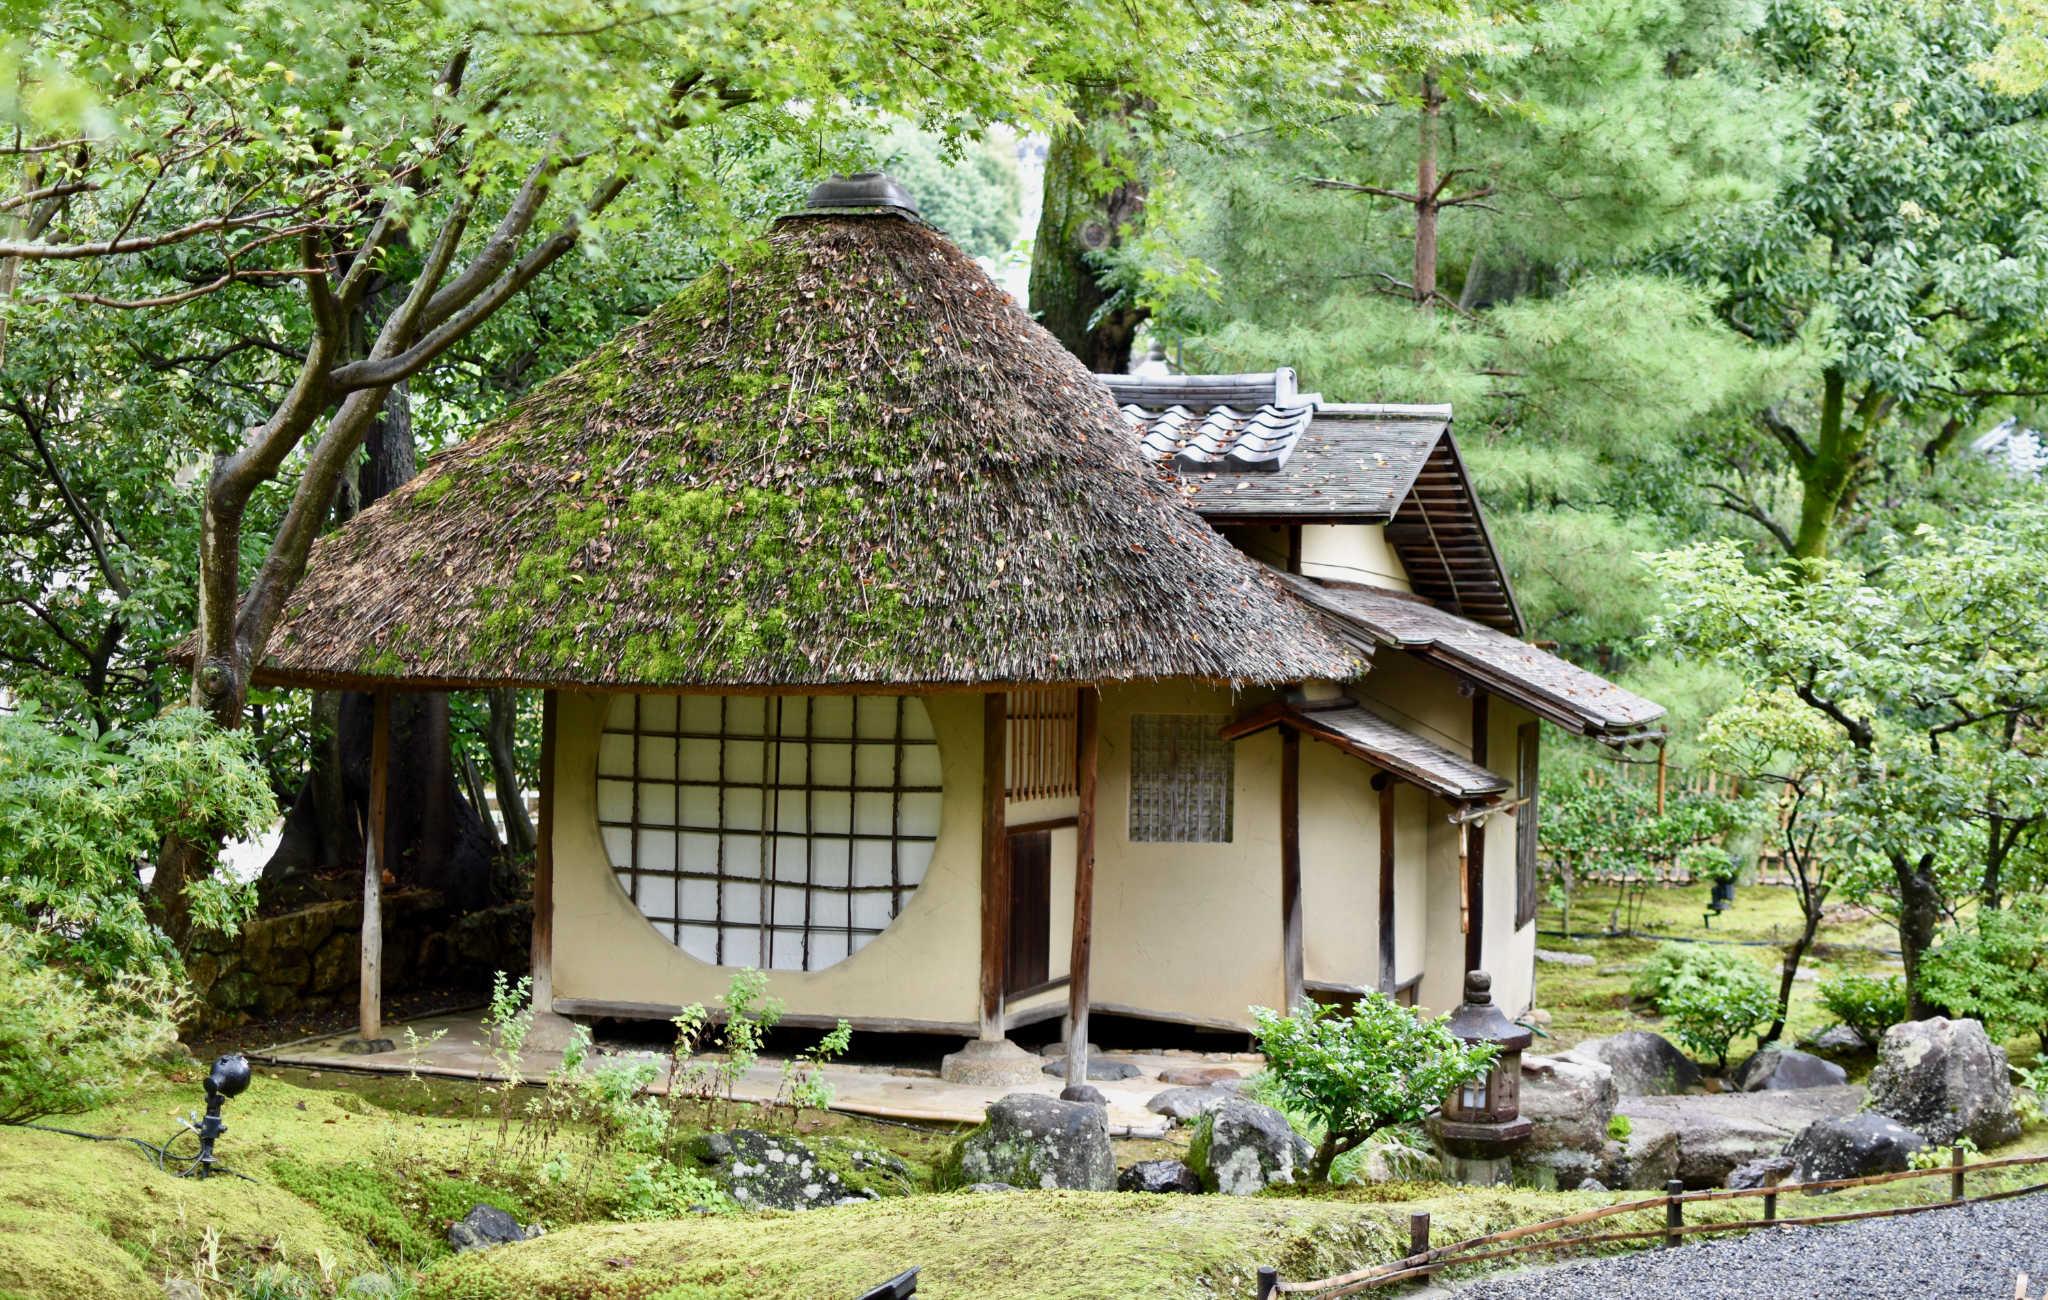 La première petite maison de thé que vous verrez au début de la visite